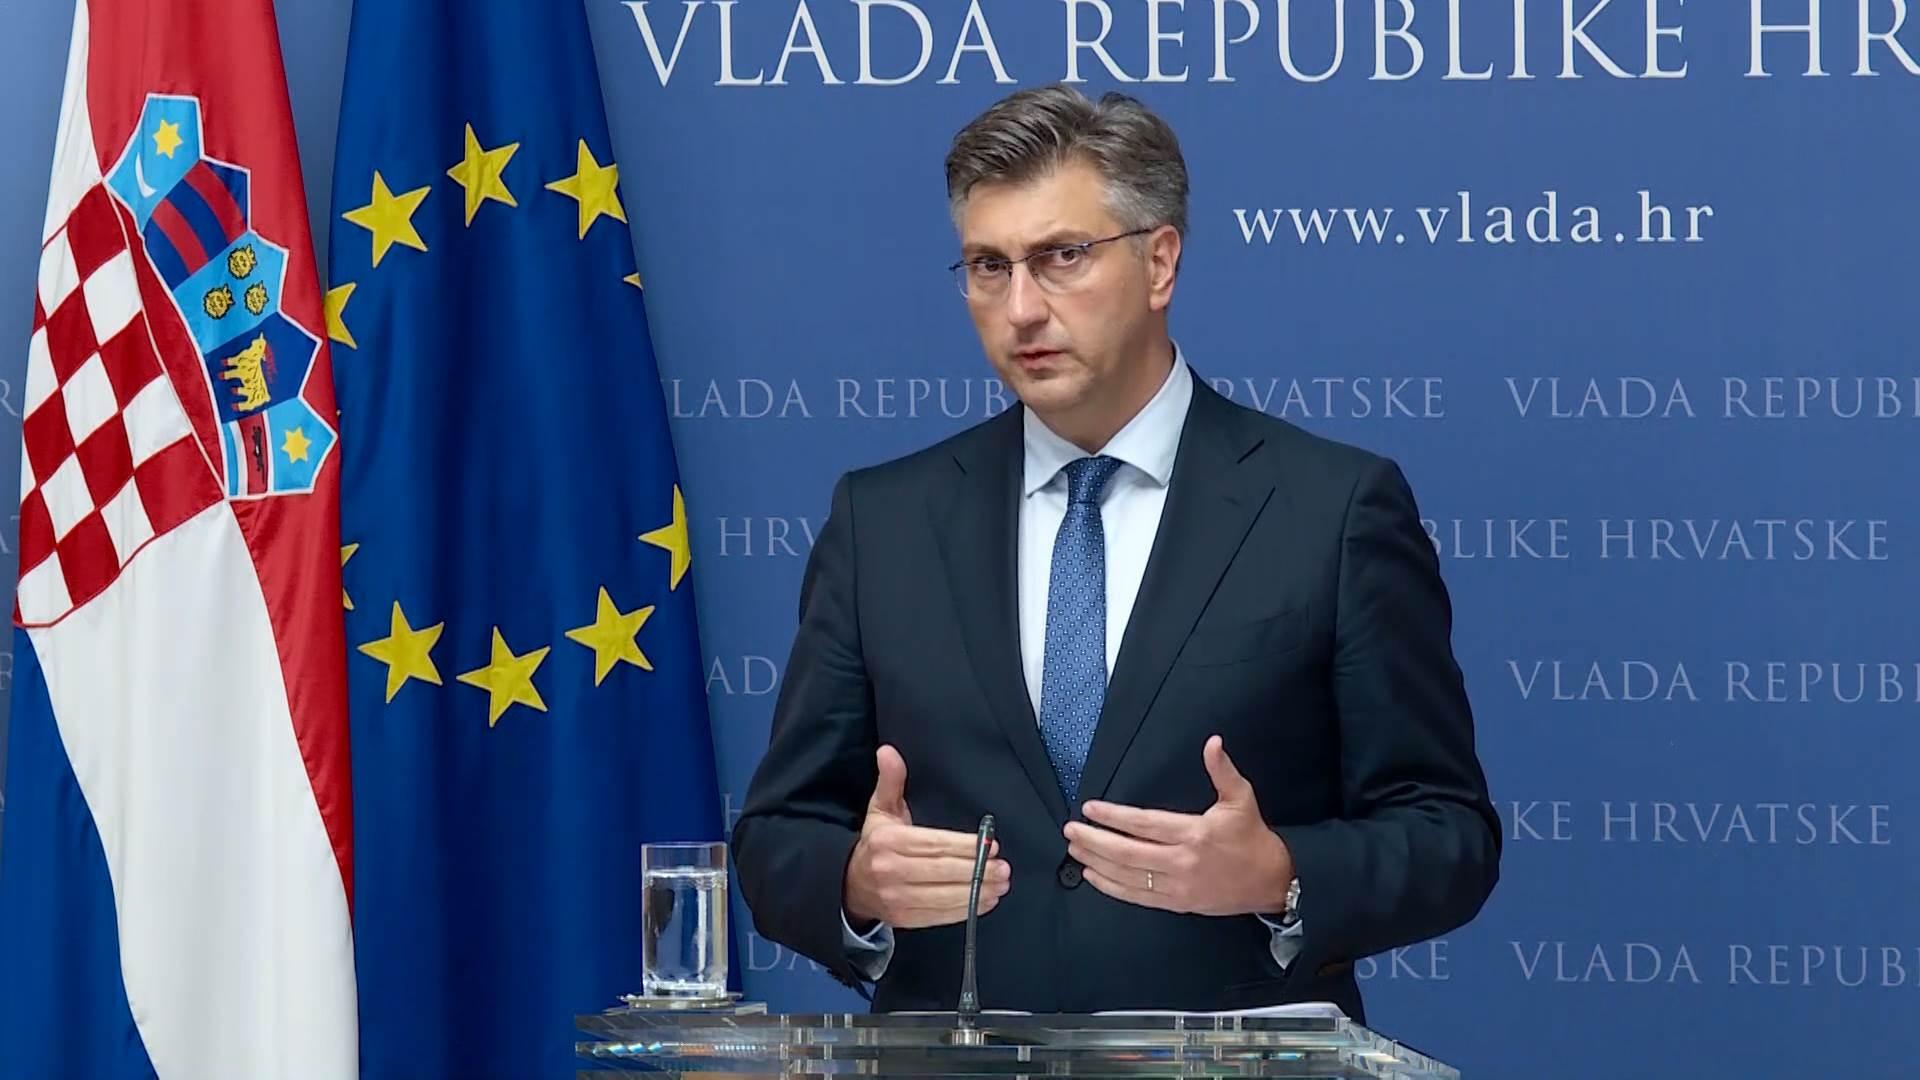 Plenković otkrio šalje li Hrvatska vojsku na granicu